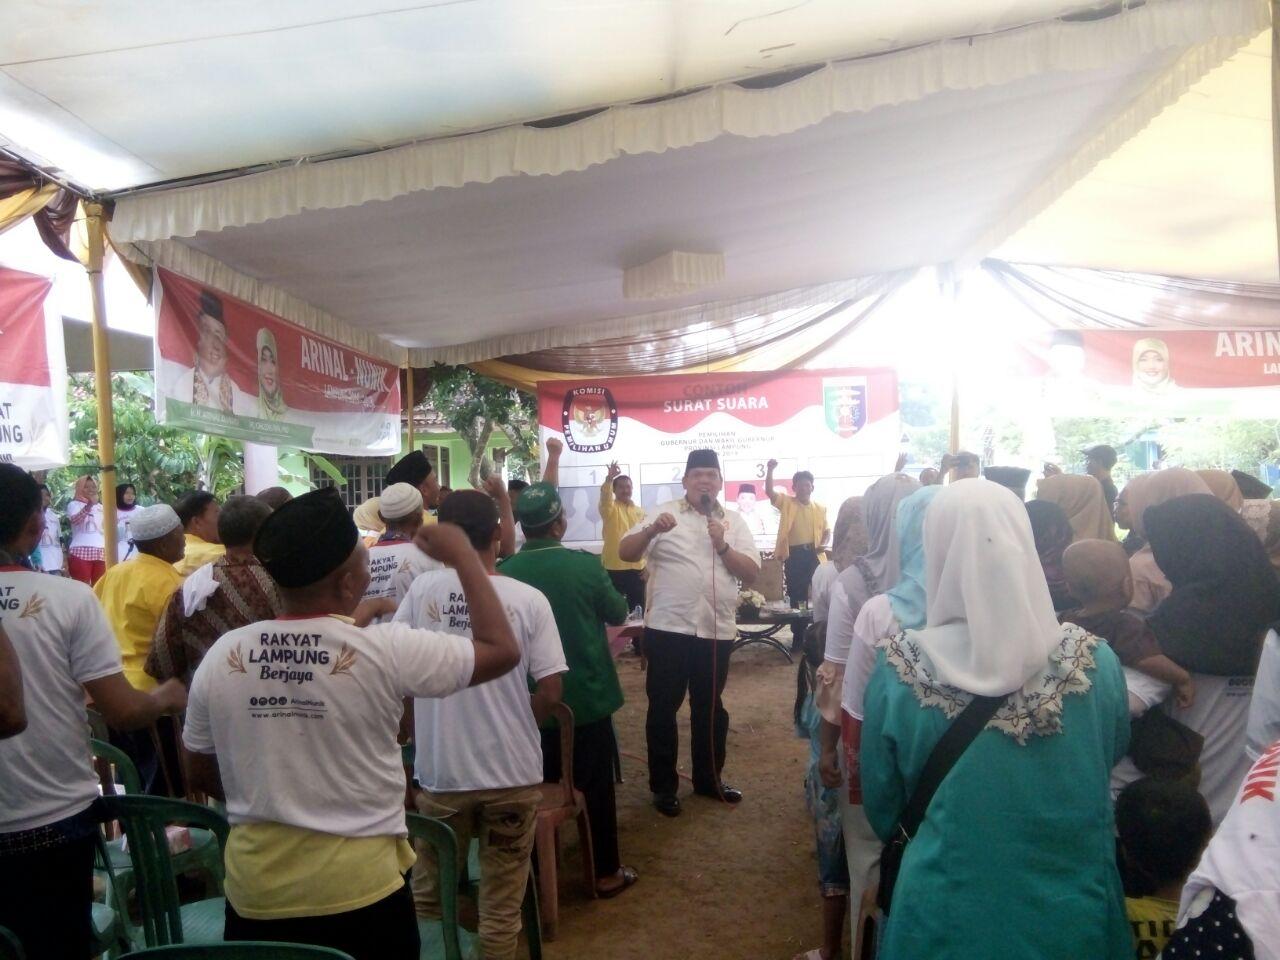 Warga Inginkan Arinal-Nunik Majukan Petani Lampung